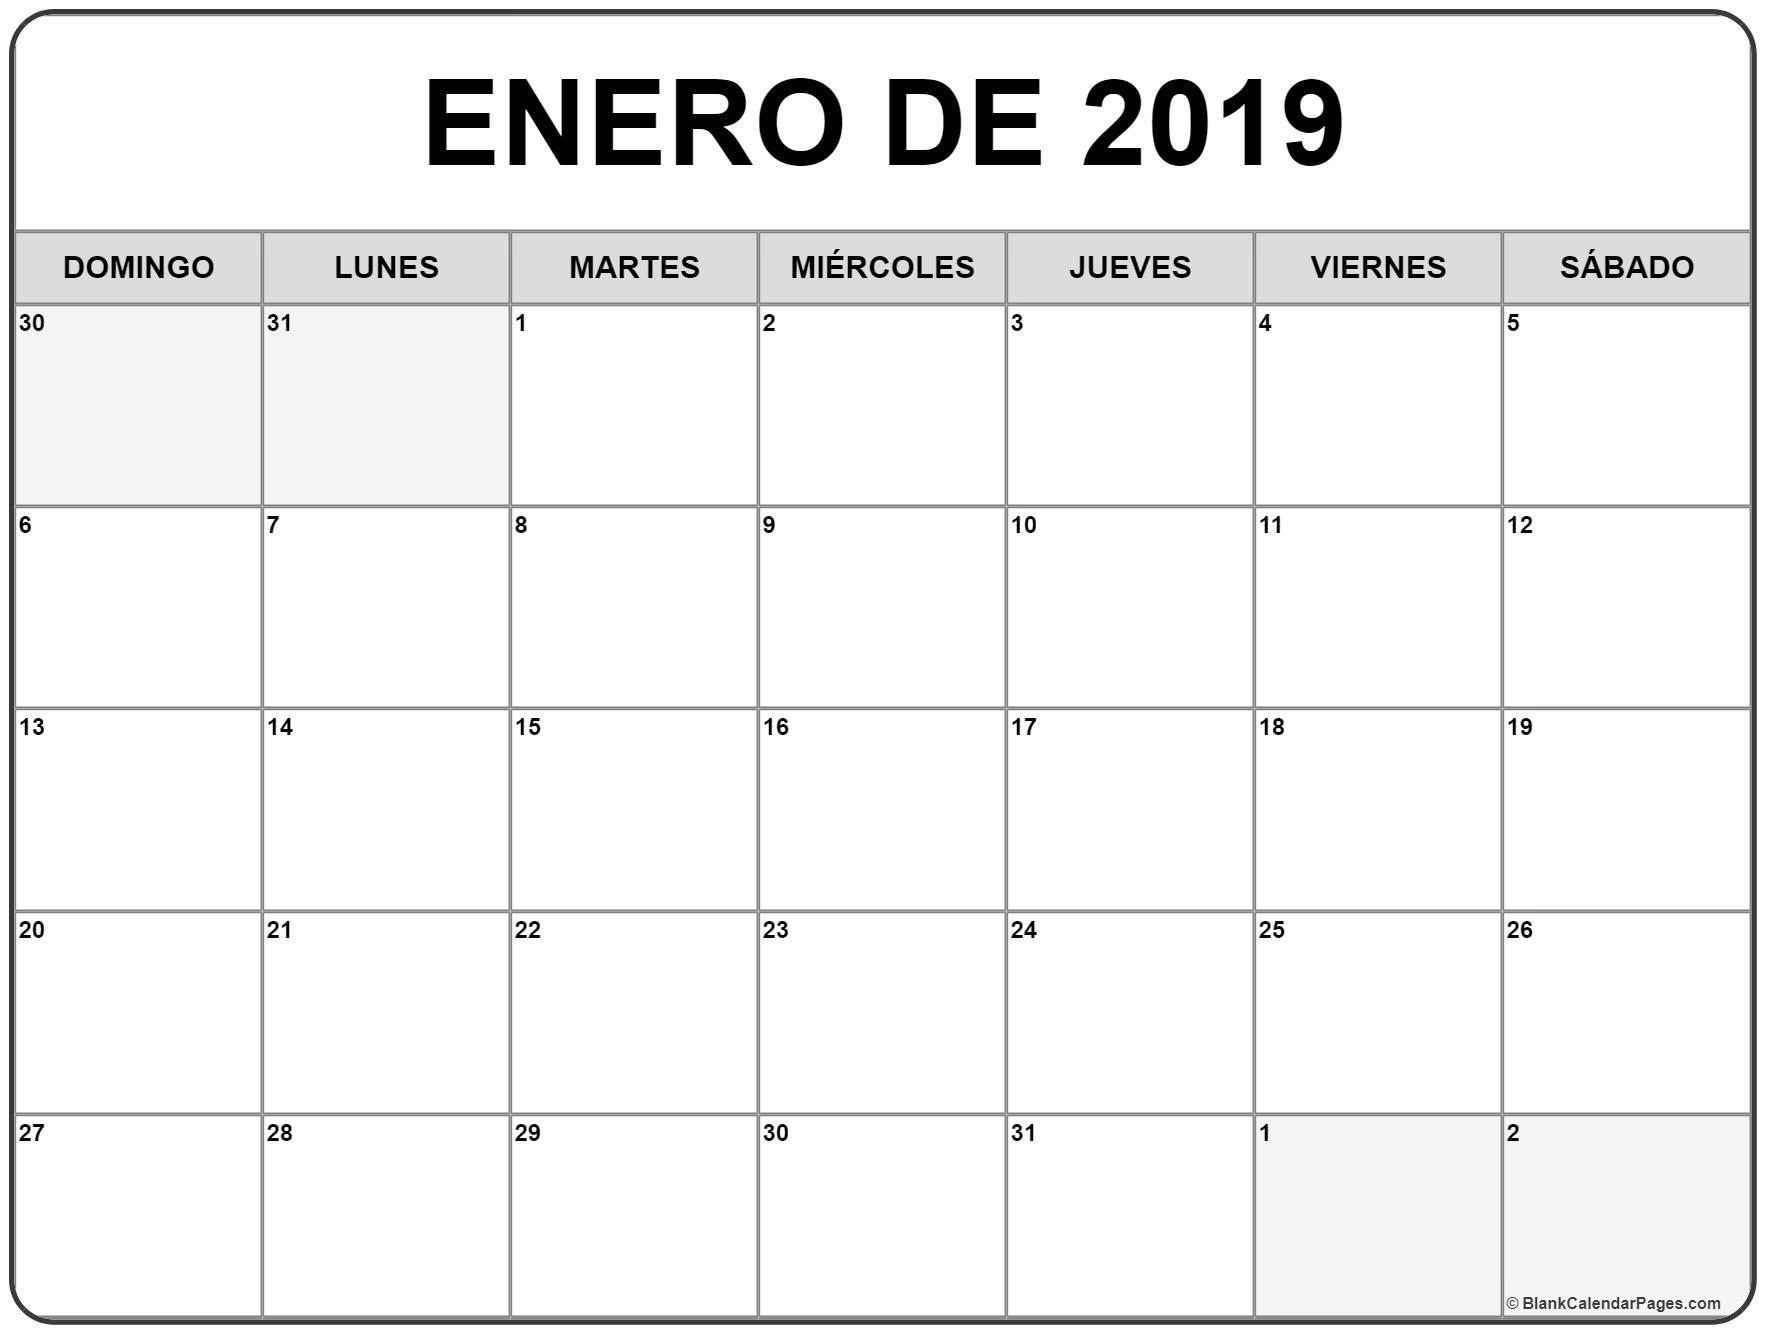 Calendario Enero 2019 | Download 2019 Calendar Printable With Calendar 2019 Enero